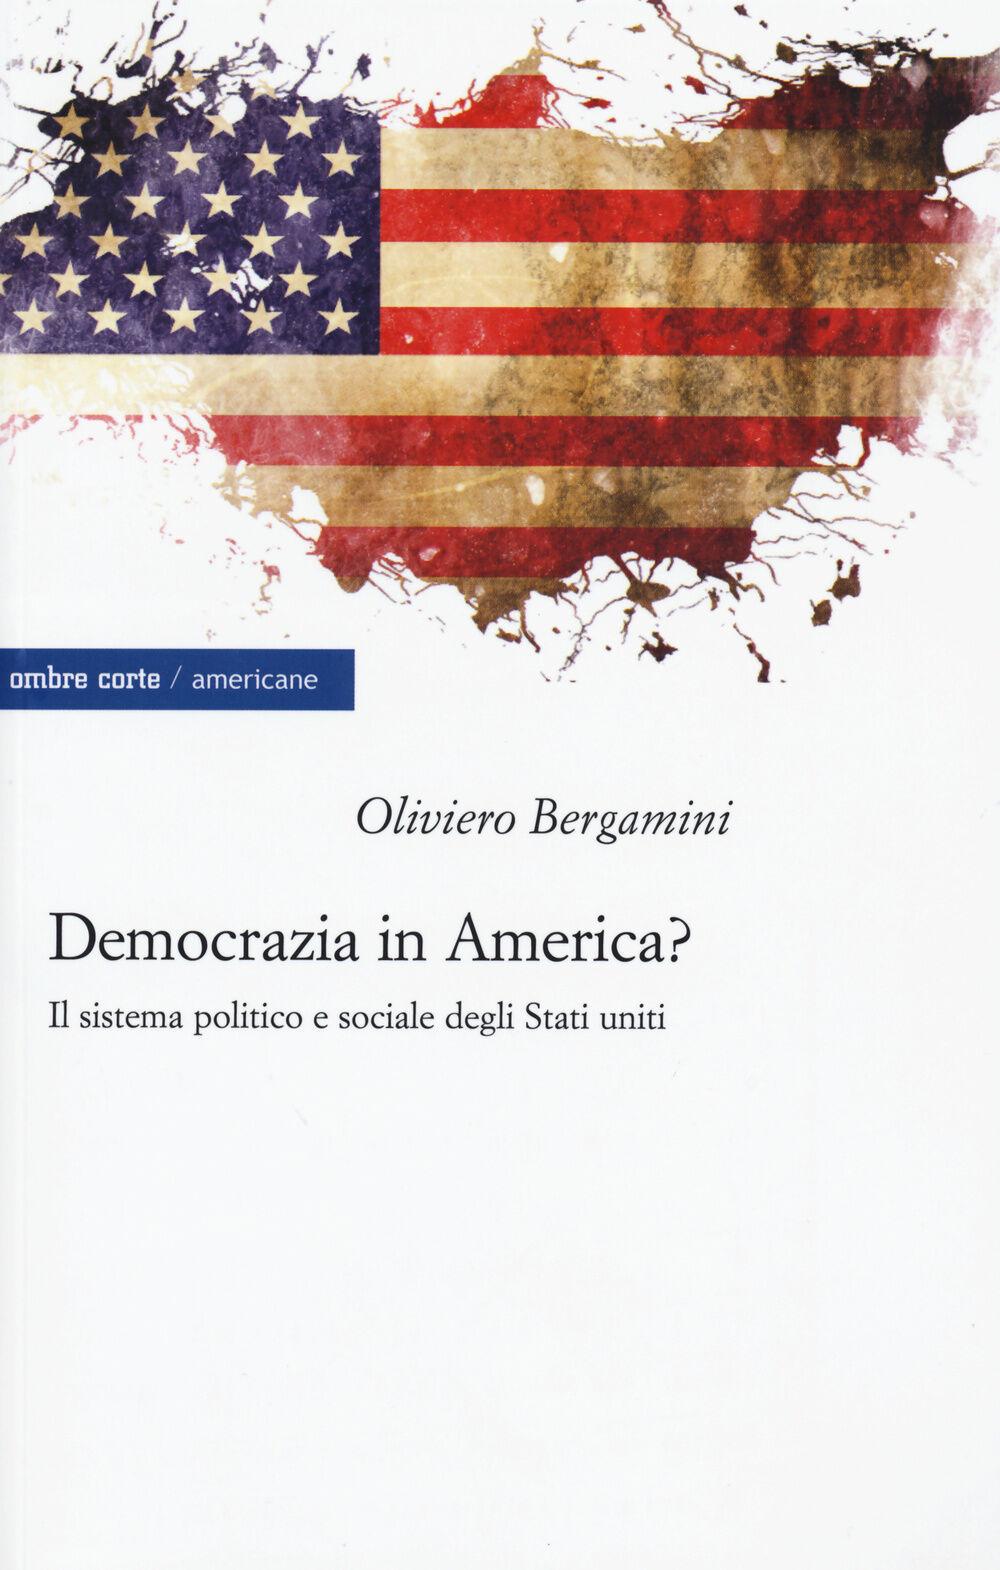 Democrazia in America? Il sistema politico e sociale degli Stati Uniti